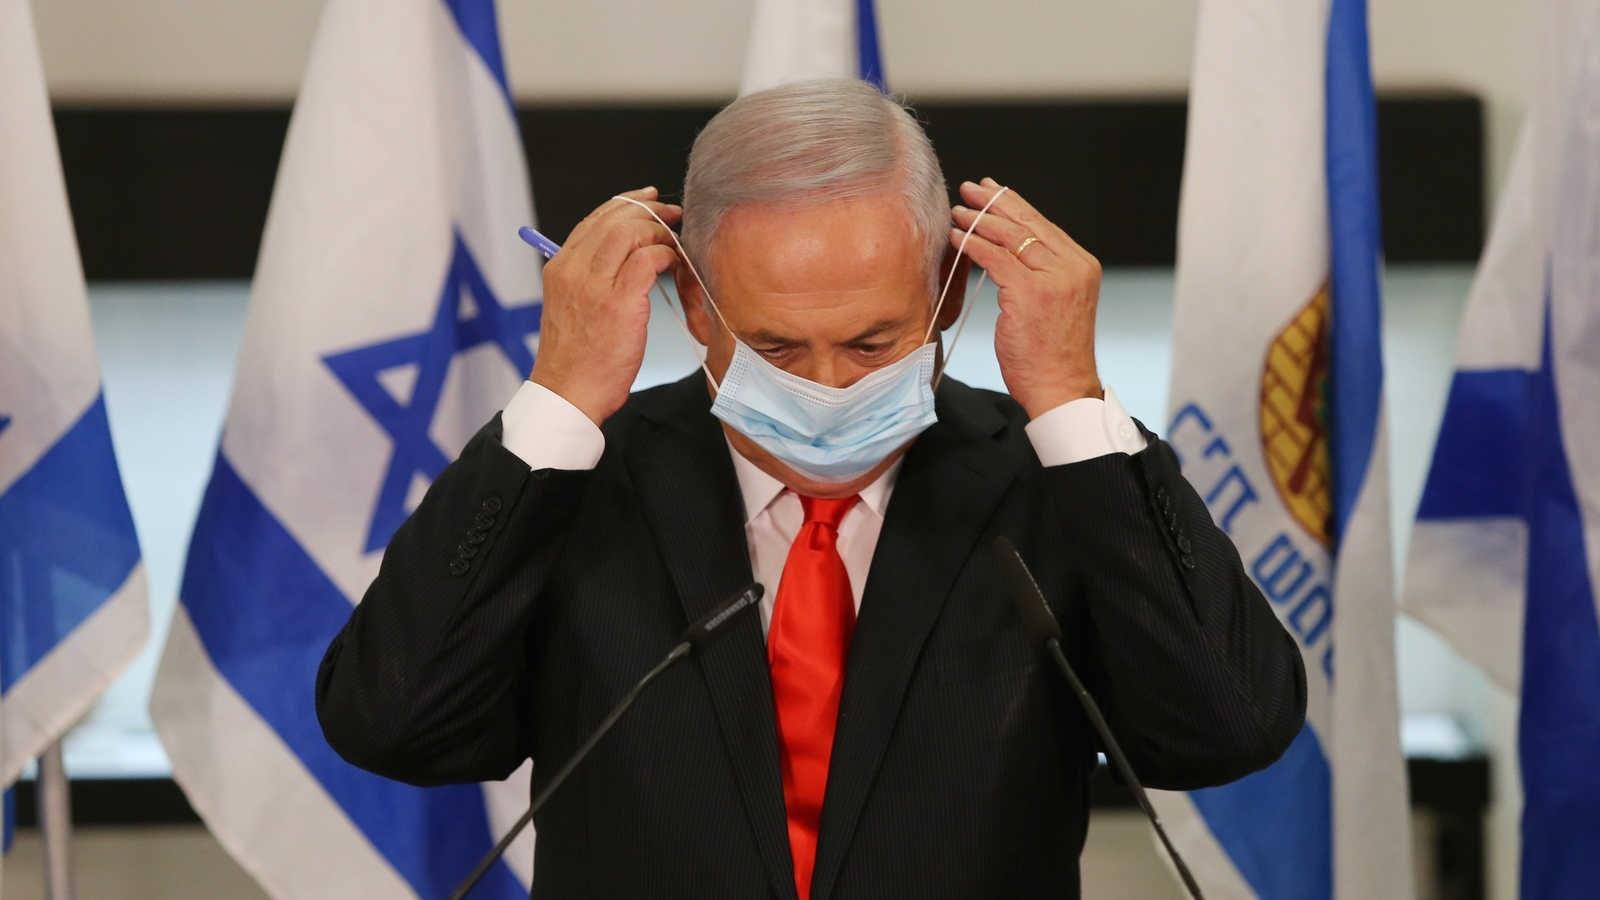 نتنياهو يؤجل زيارته للإمارات والبحرين للمرة الثالثة